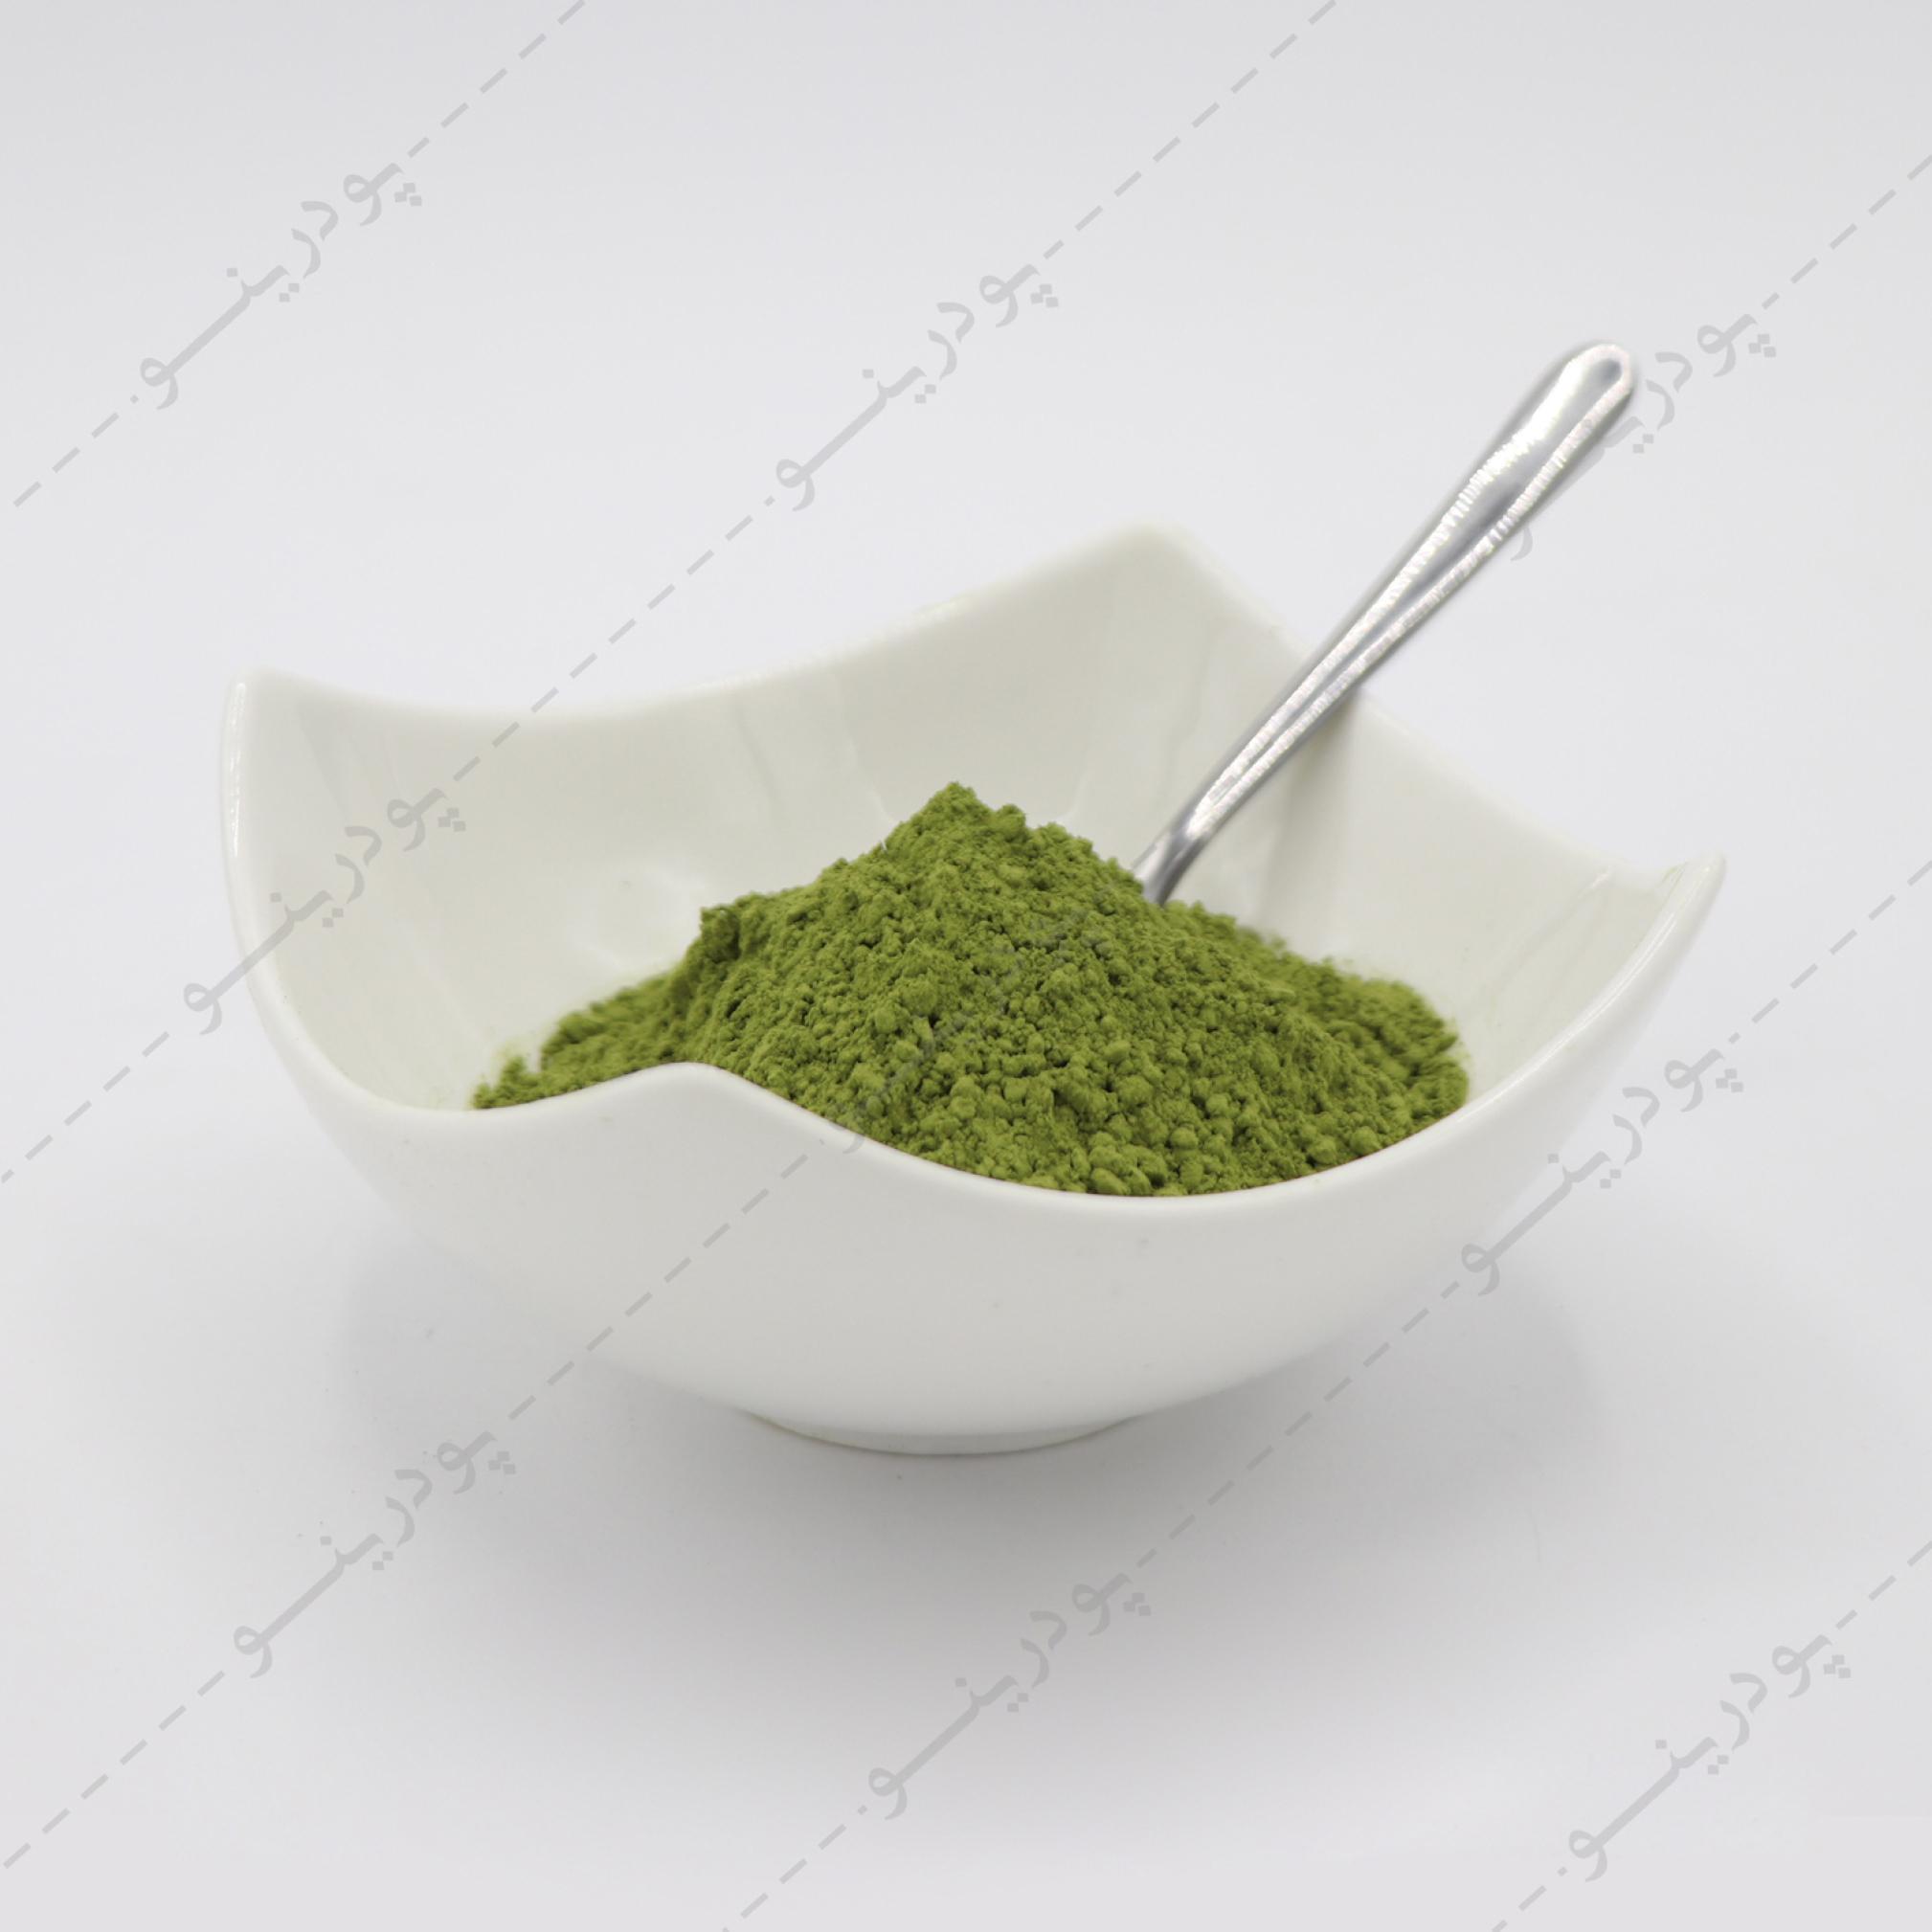 تشخیص چای ماچا اصل